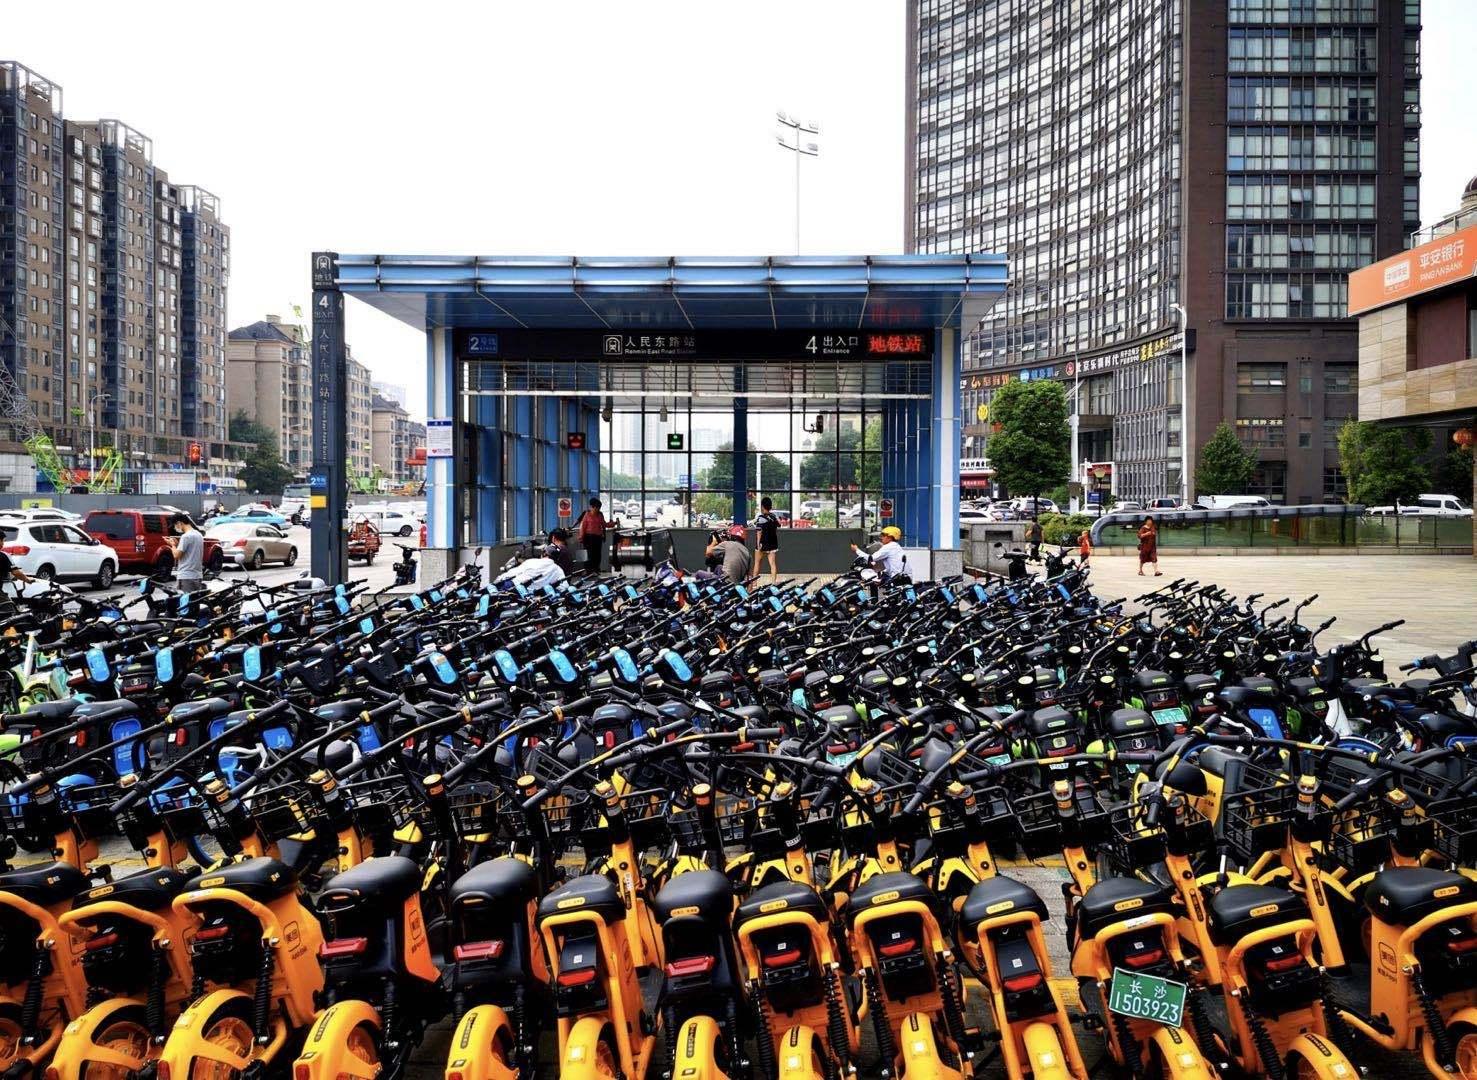 """共享电单车再现""""彩虹大战"""",非理性投放成为行业最大挑战"""